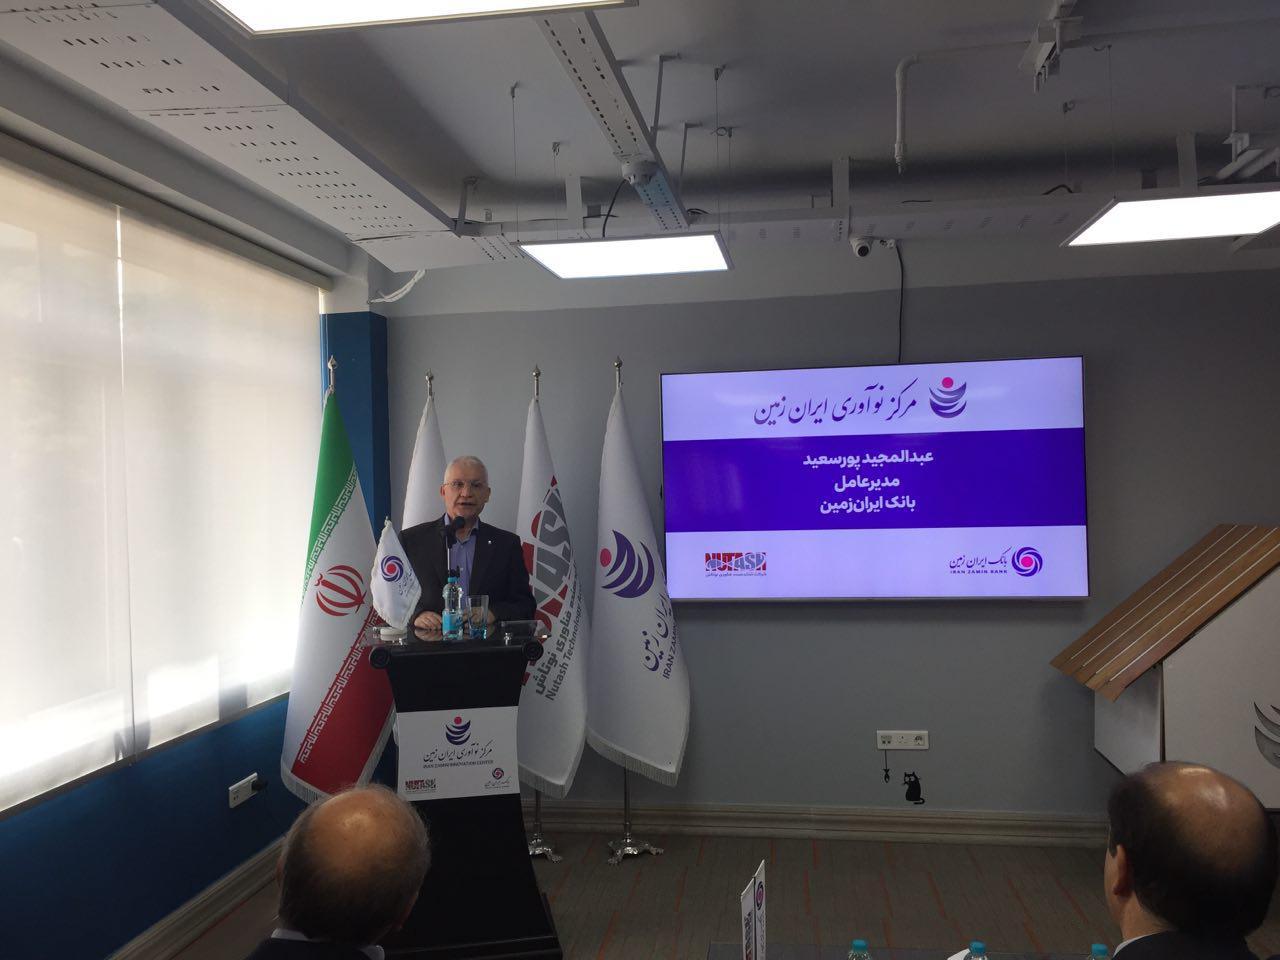 افتتاح مرکز نوآوری بانک ایران زمین: حمایت همه جانبه از استارتاپ در دستور کار